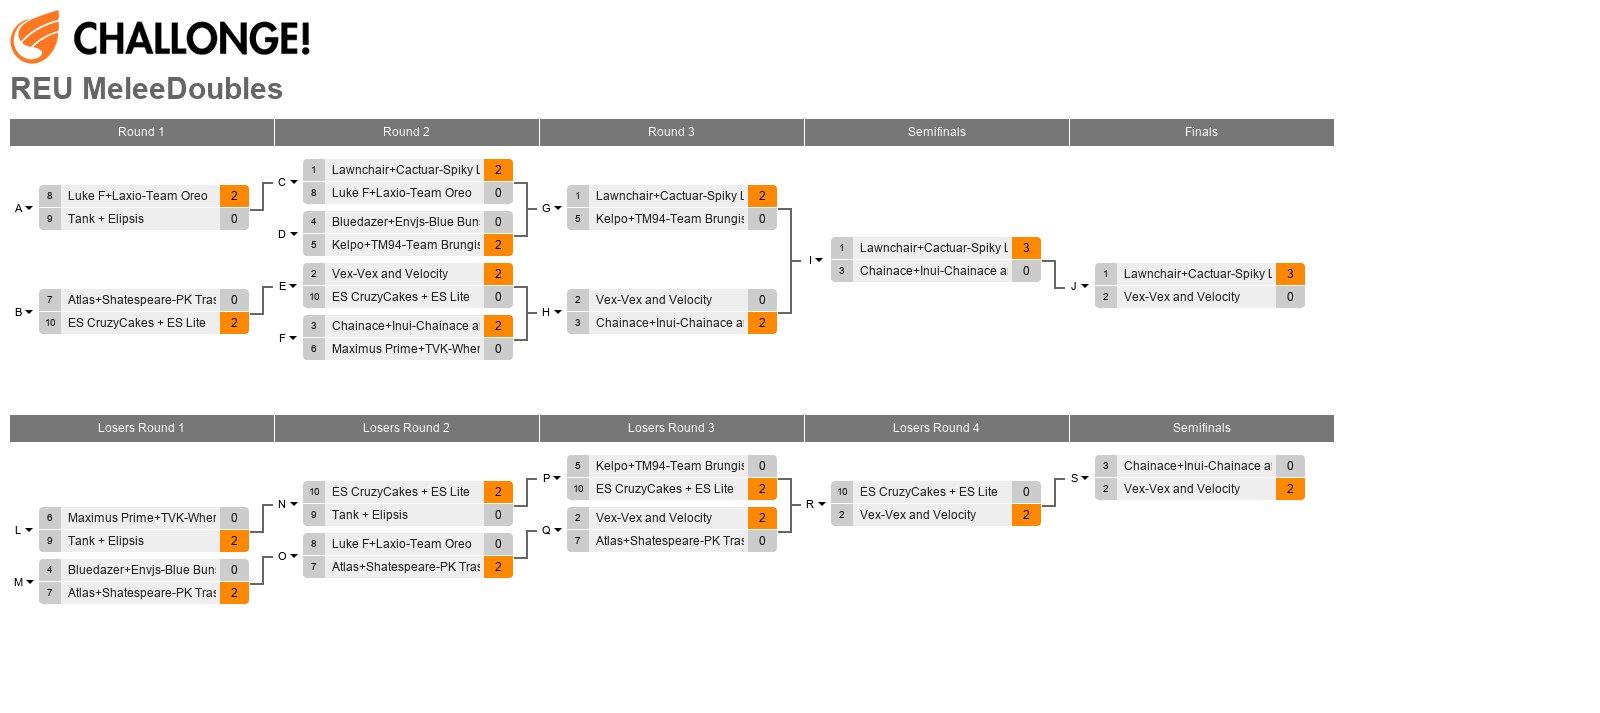 Rol Em Up Melee Doubles (10 Teams)